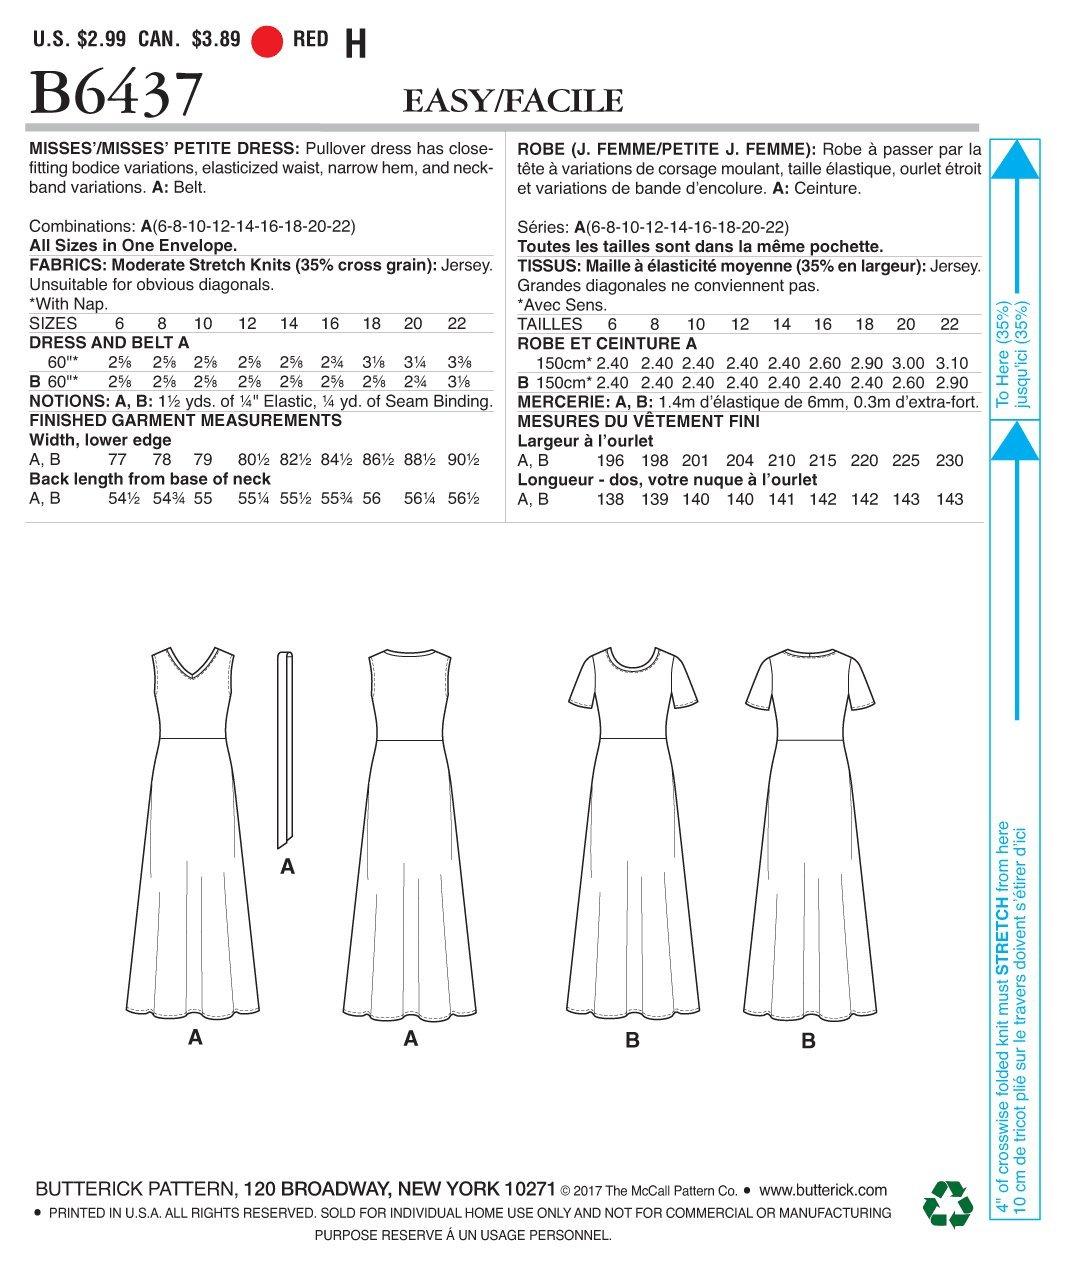 Butterick Patterns Butterick Modello 6437/a cartamodello per Abito e Cintura Multicolore Taglie 6/ /22